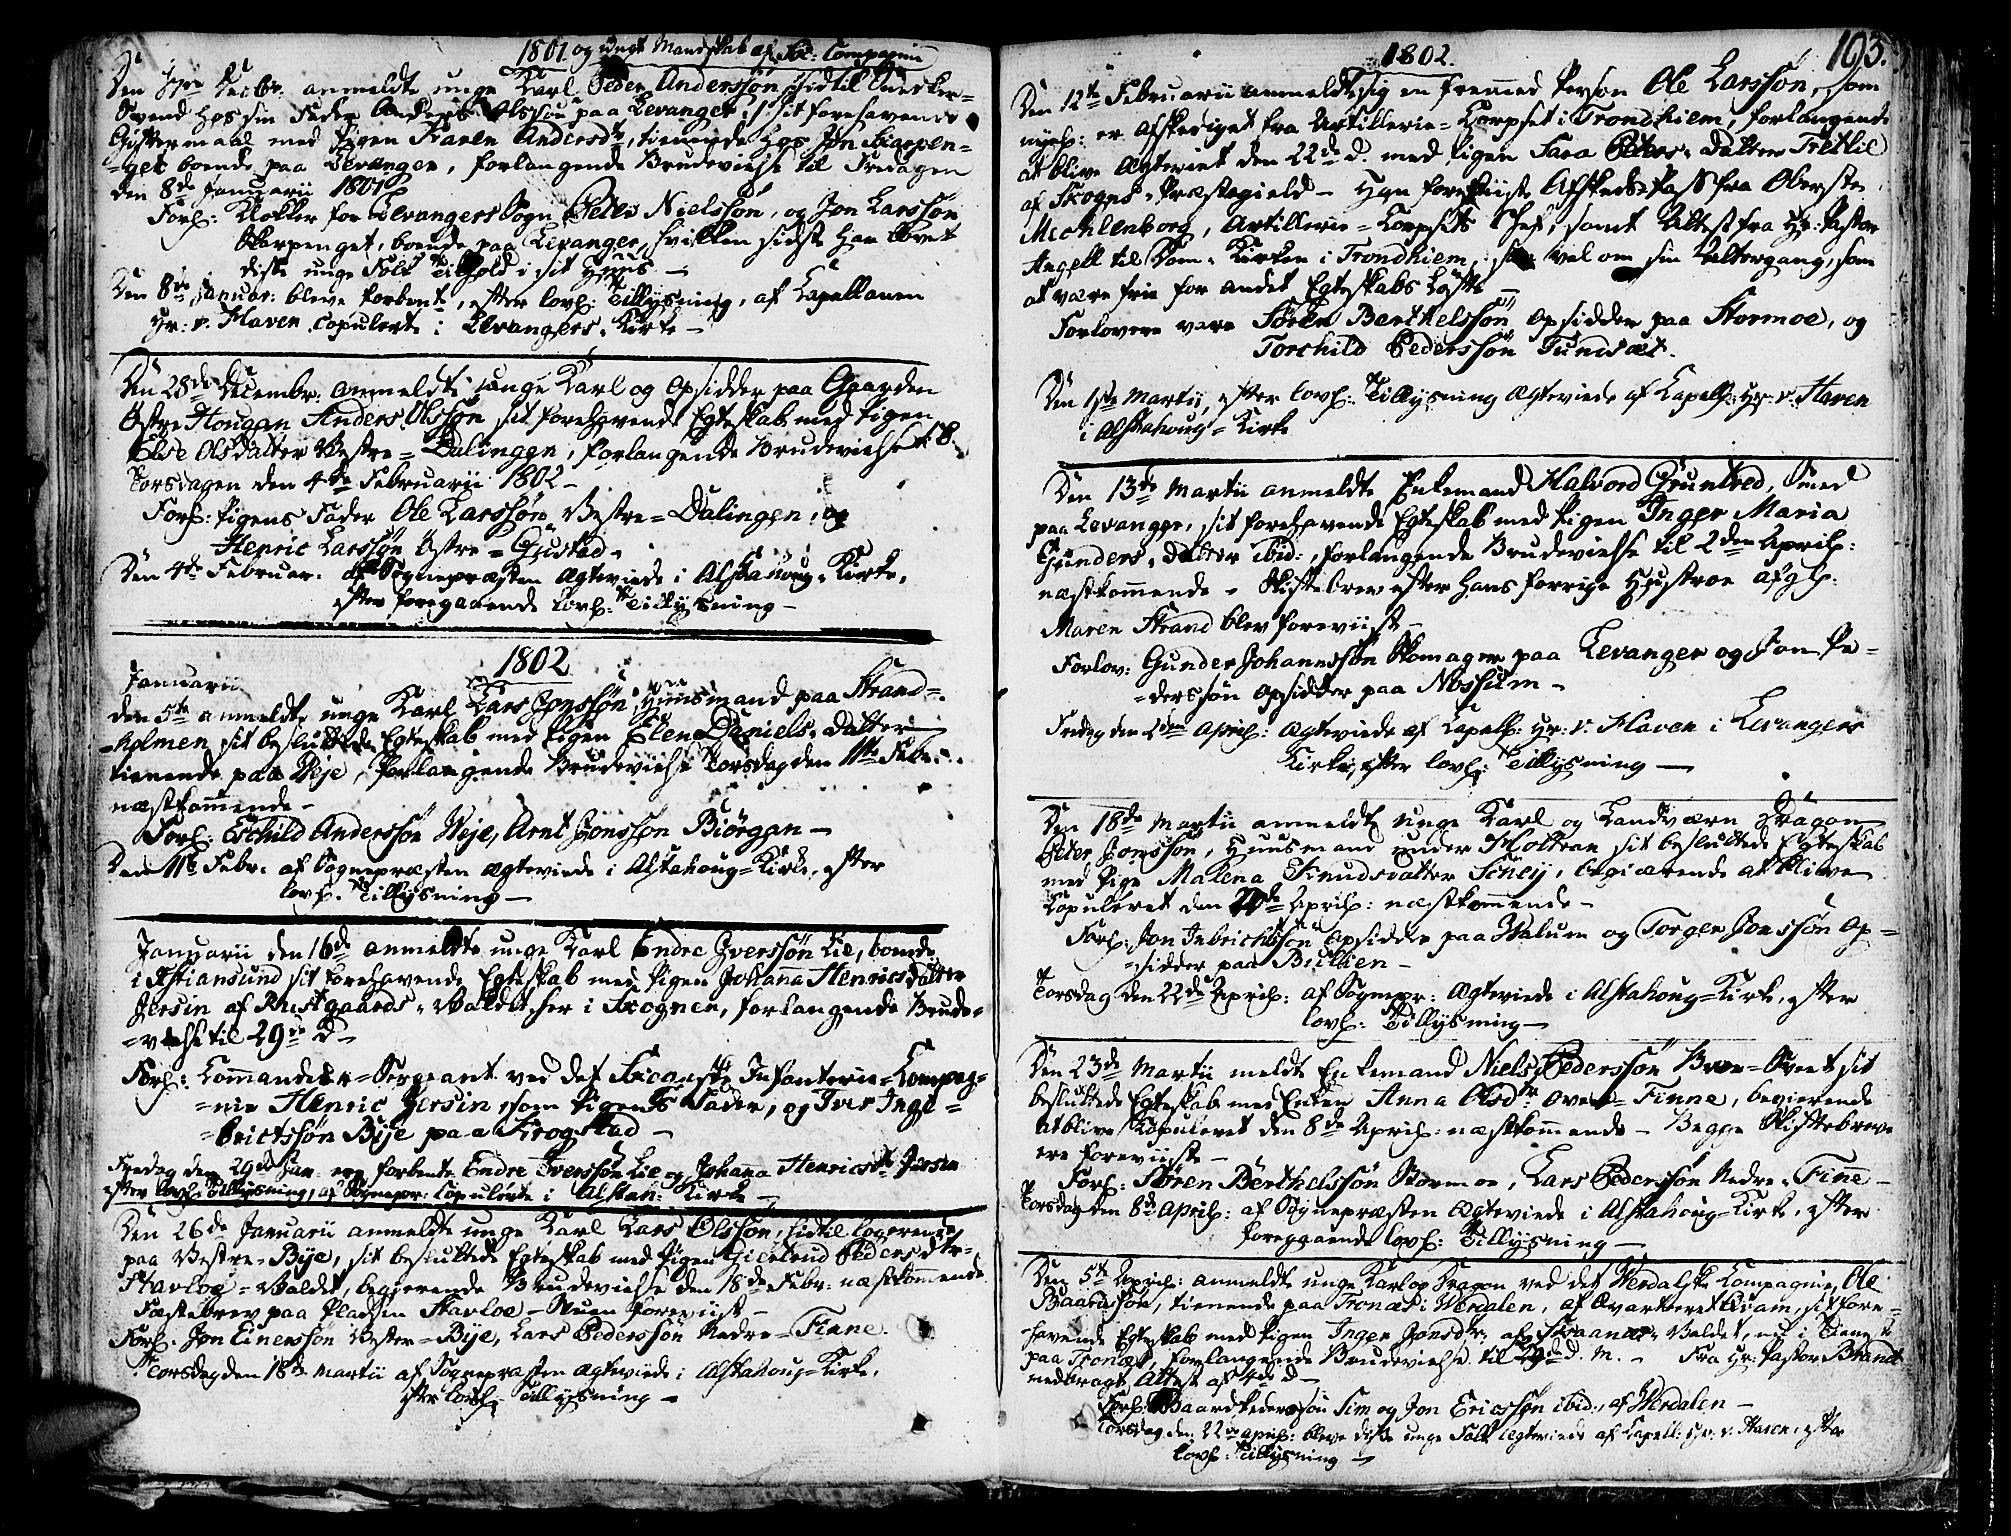 SAT, Ministerialprotokoller, klokkerbøker og fødselsregistre - Nord-Trøndelag, 717/L0142: Ministerialbok nr. 717A02 /1, 1783-1809, s. 193